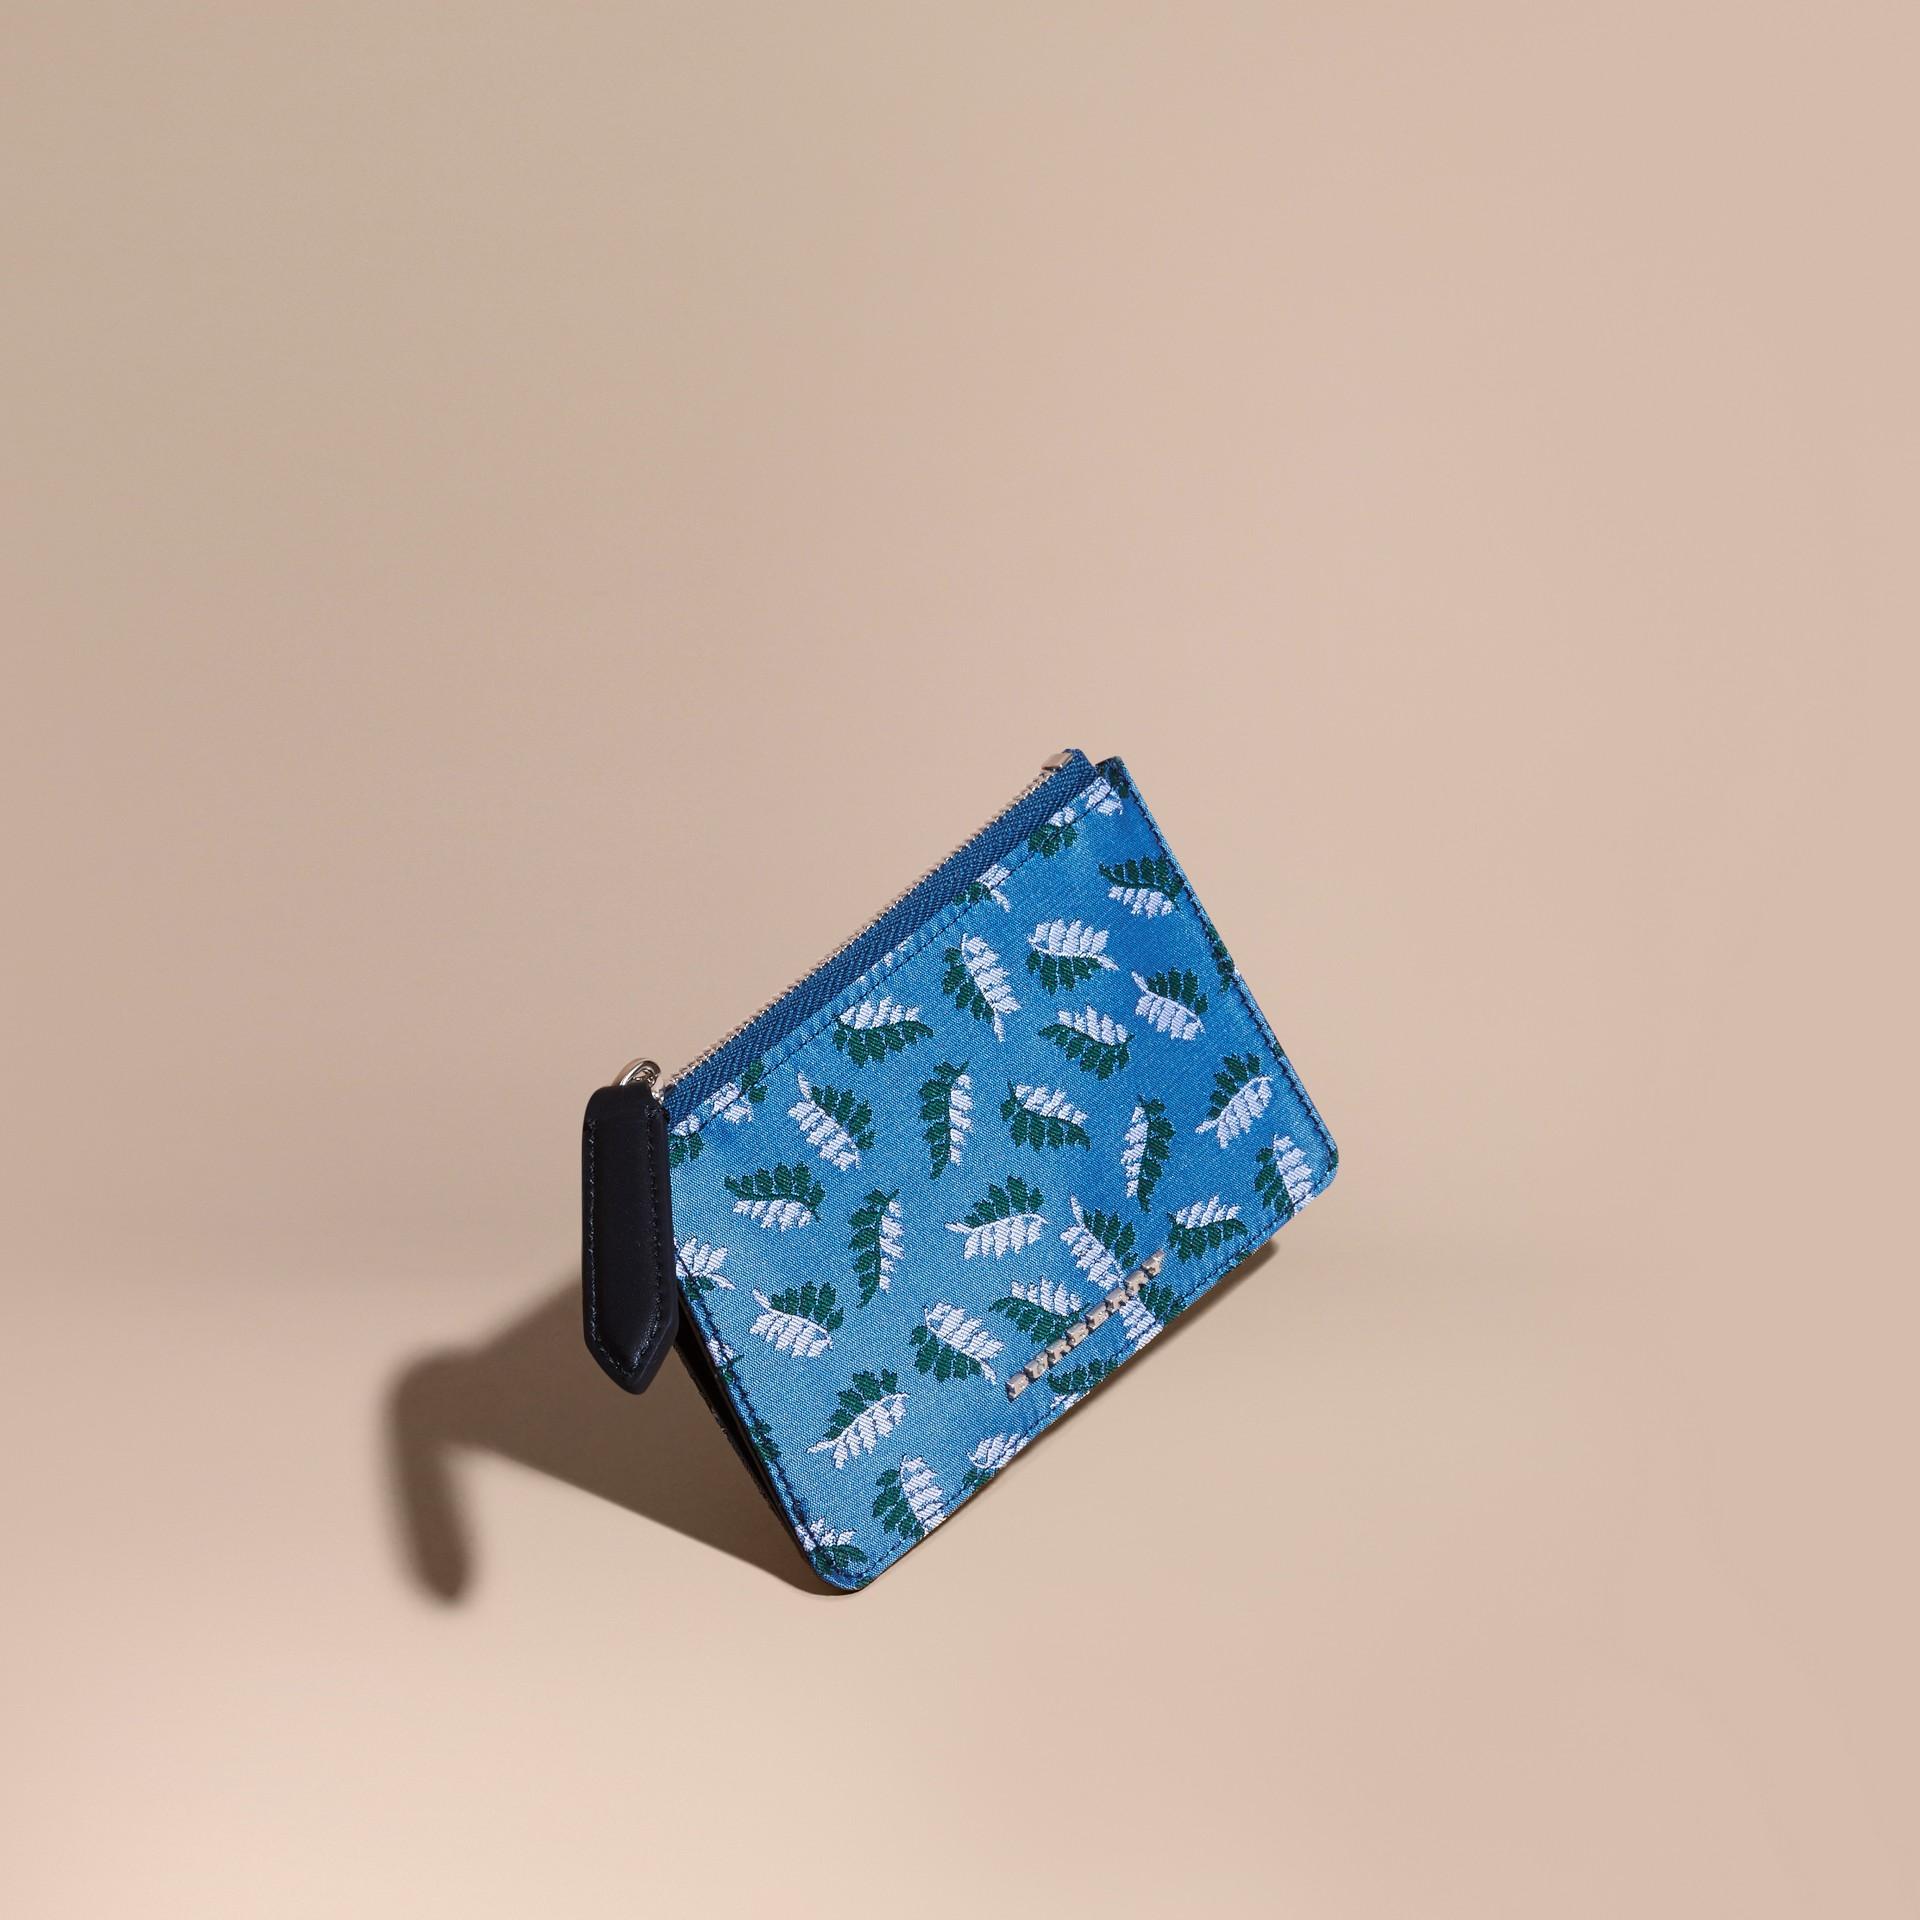 Bleu azur intense Portefeuille en jacquard à motif feuillage avec zip supérieur Bleu Azur Intense - photo de la galerie 1